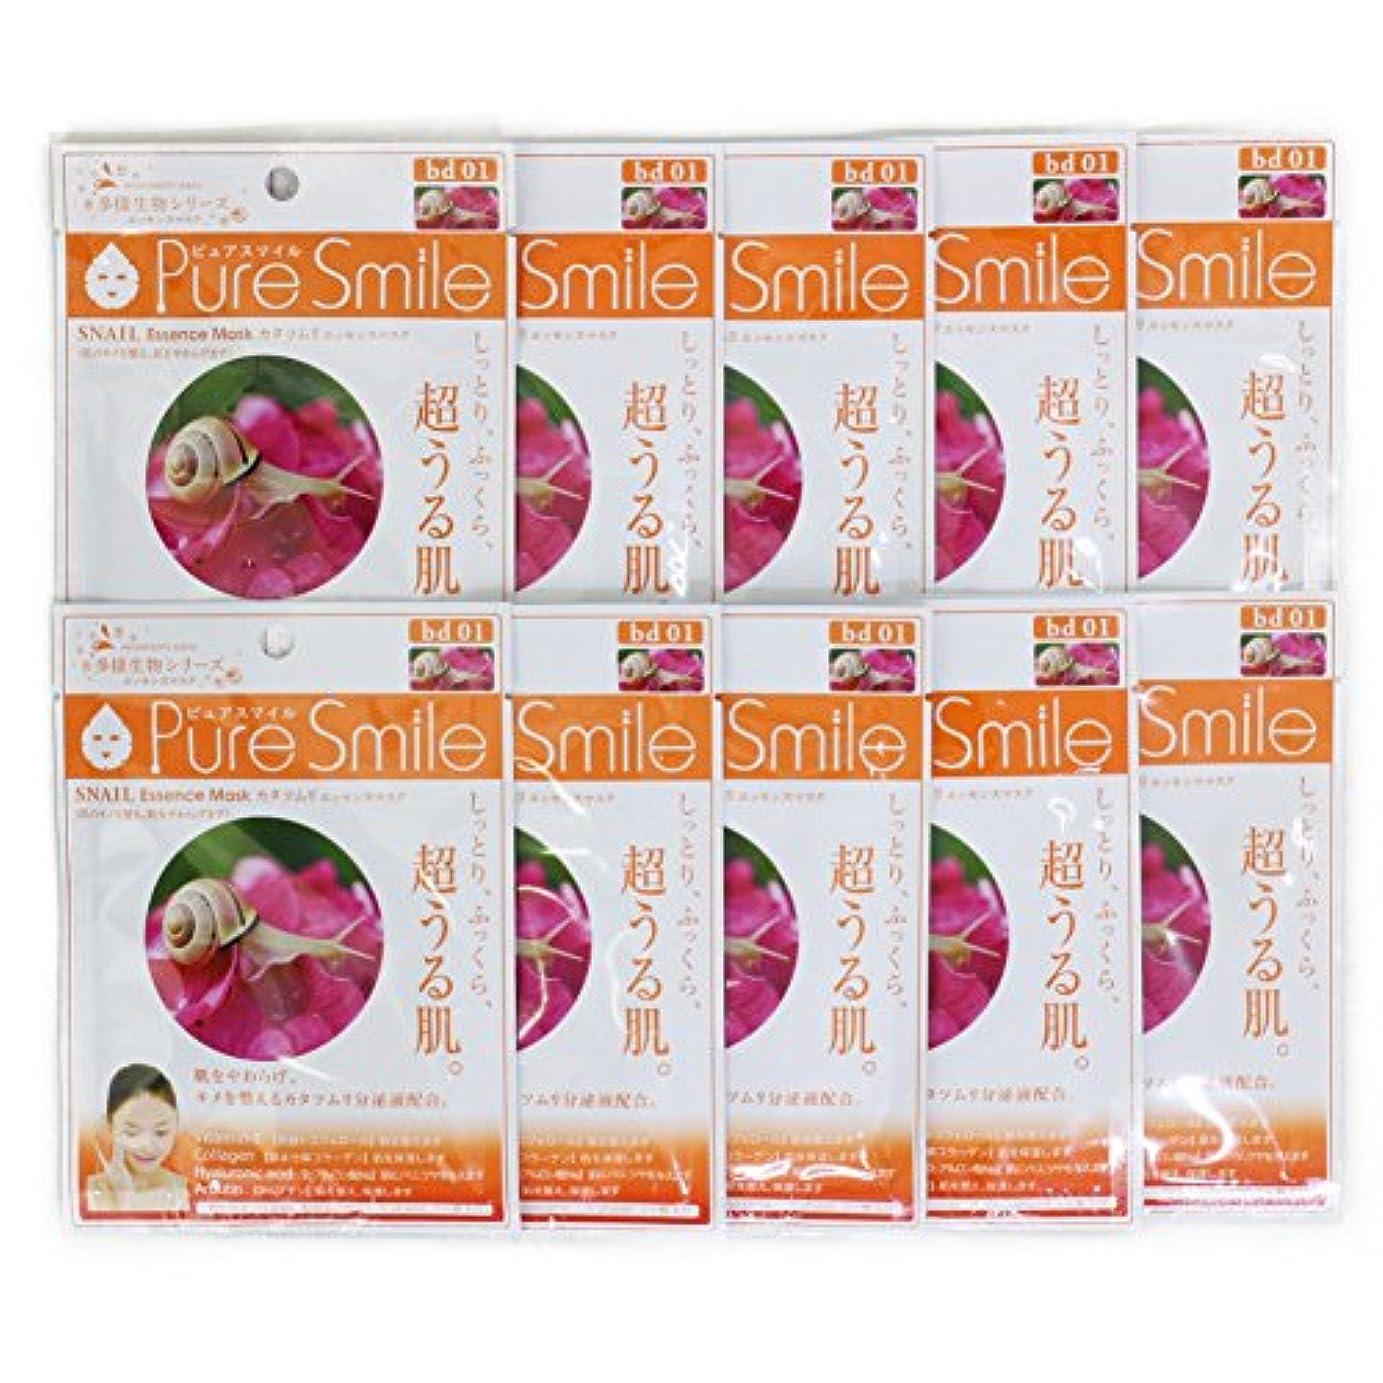 続ける寝てる内訳Pure Smile ピュアスマイル 多様生物エッセンスマスク カタツムリ 10枚セット